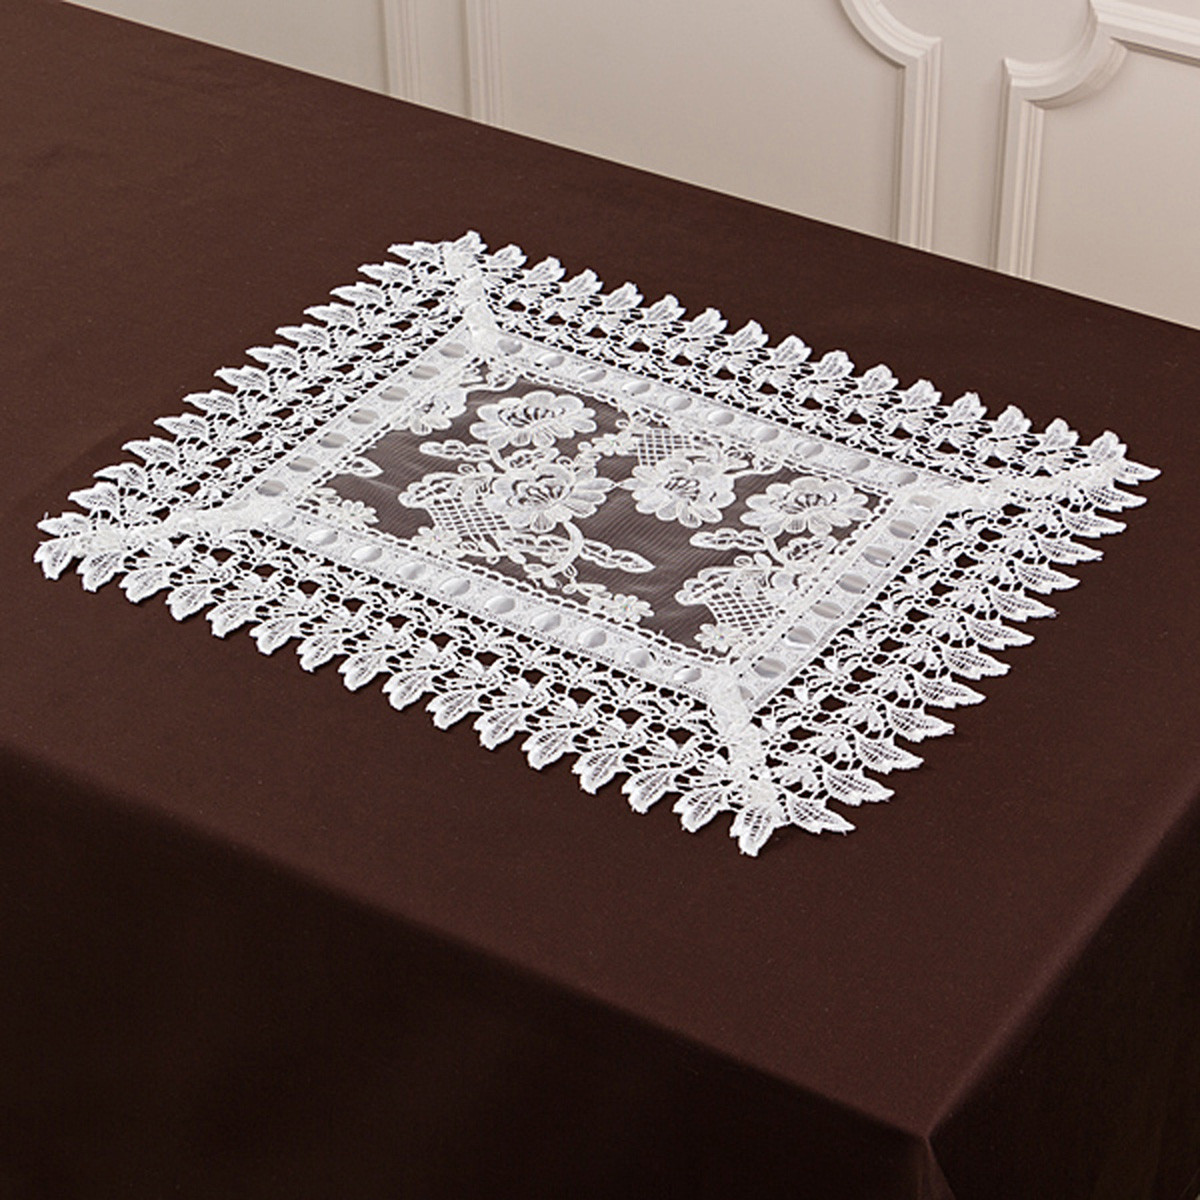 Скатерти и салфетки Santalino Салфетки Gemariah  (30х45 см) скатерти и салфетки santalino скатерть lysander 140х180 см